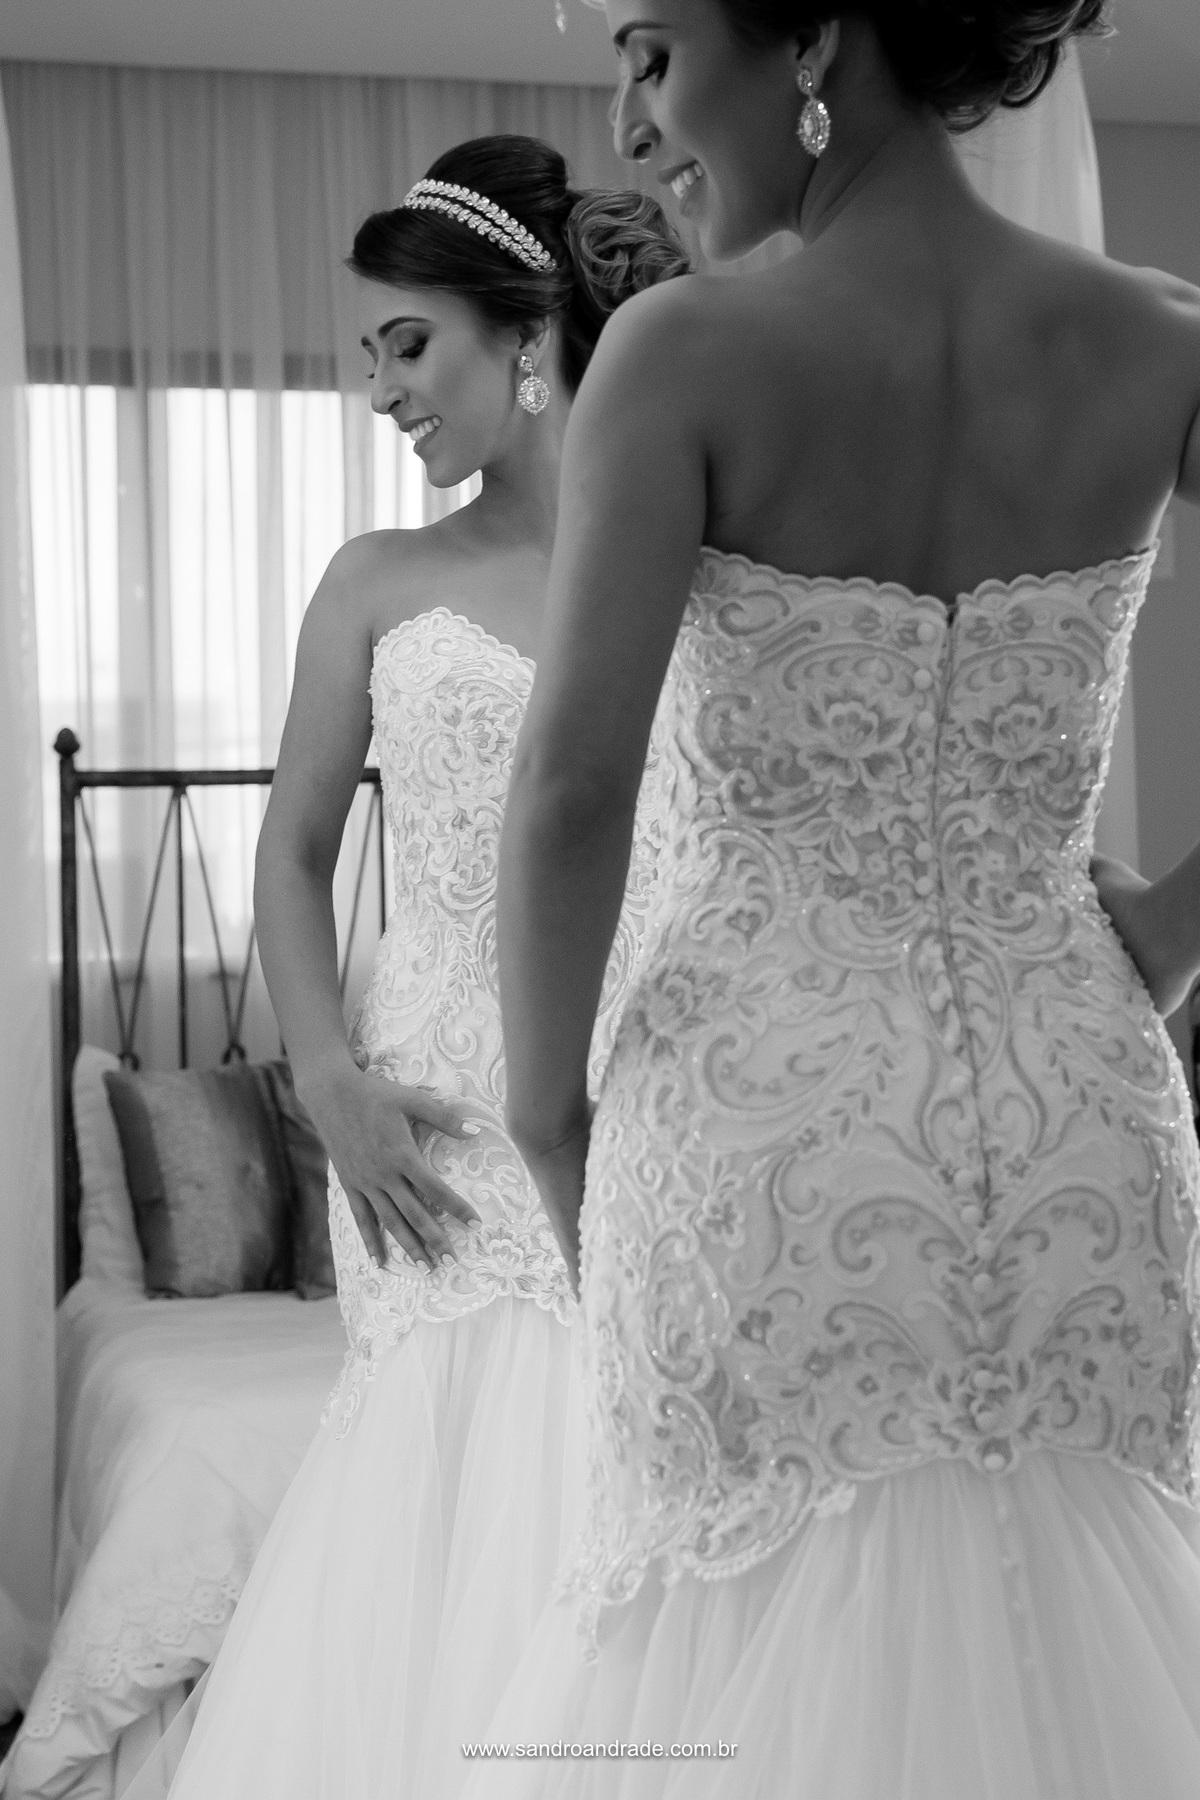 Linda fotografia com detalhes das costas do vestido de noiva belissimo da Milena, by Lá Fiancé - Brasilia